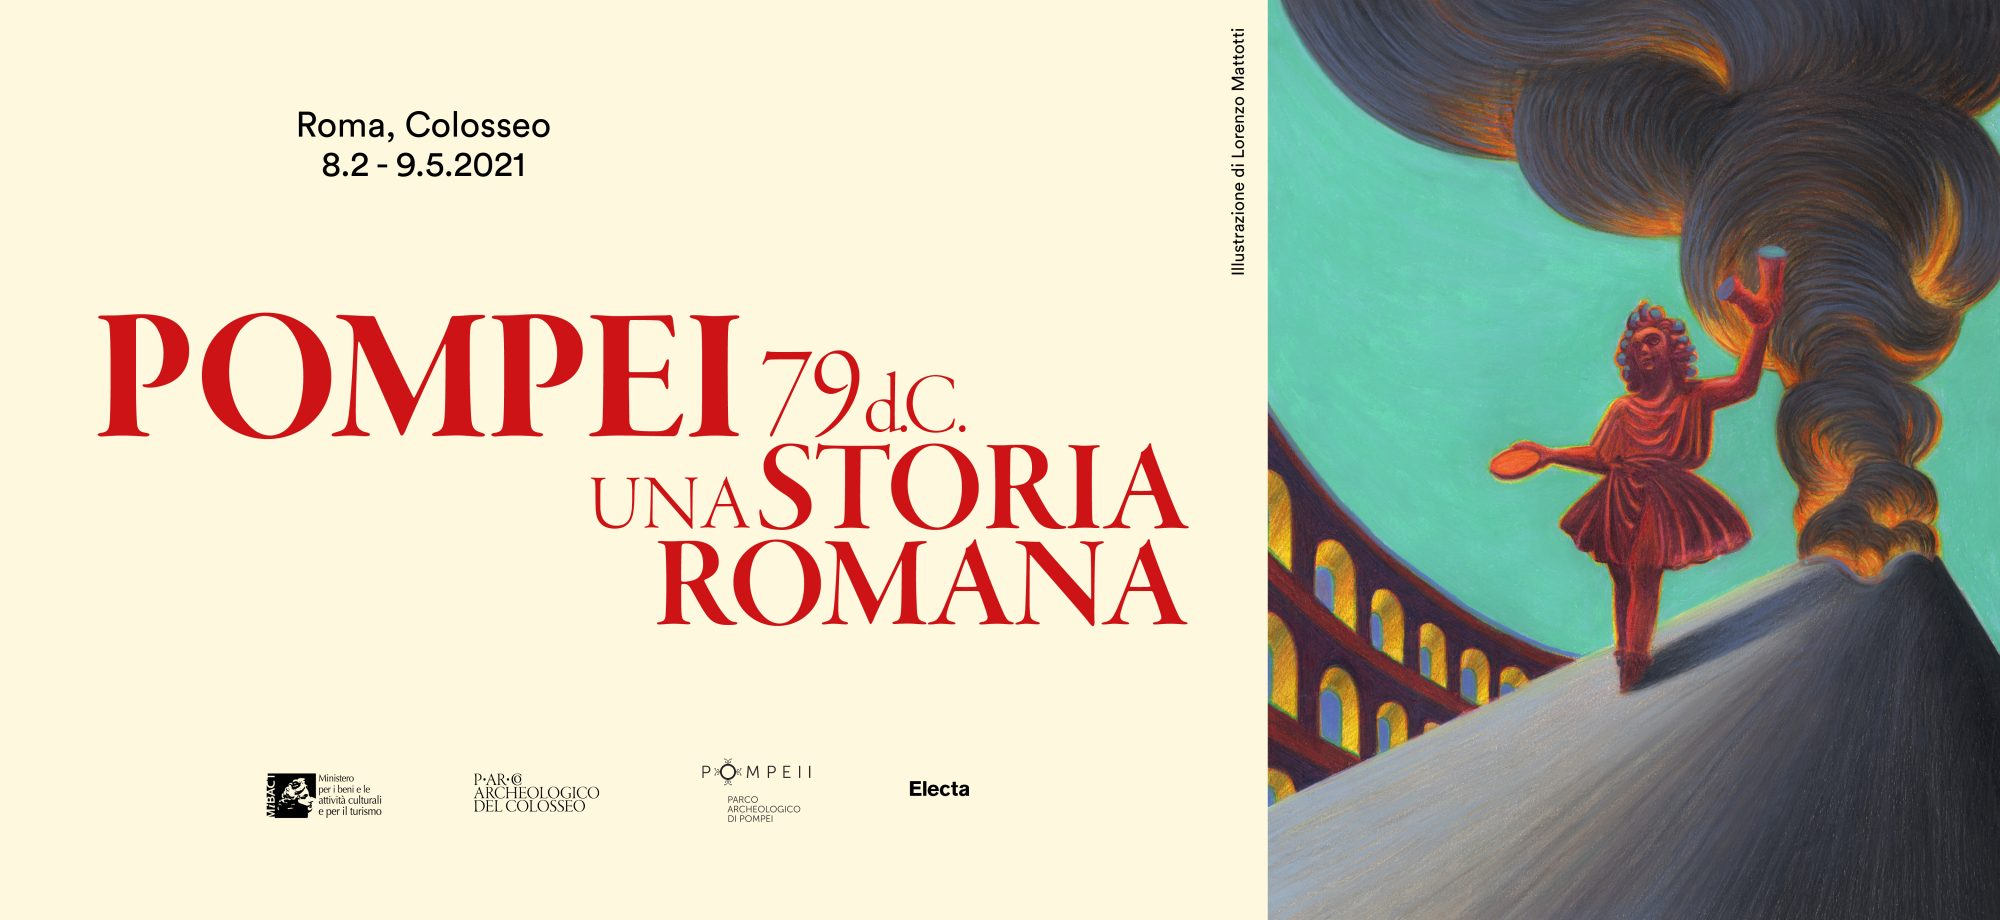 POMPEI 79 D.C. UNA GRANDE STORIA ROMANA